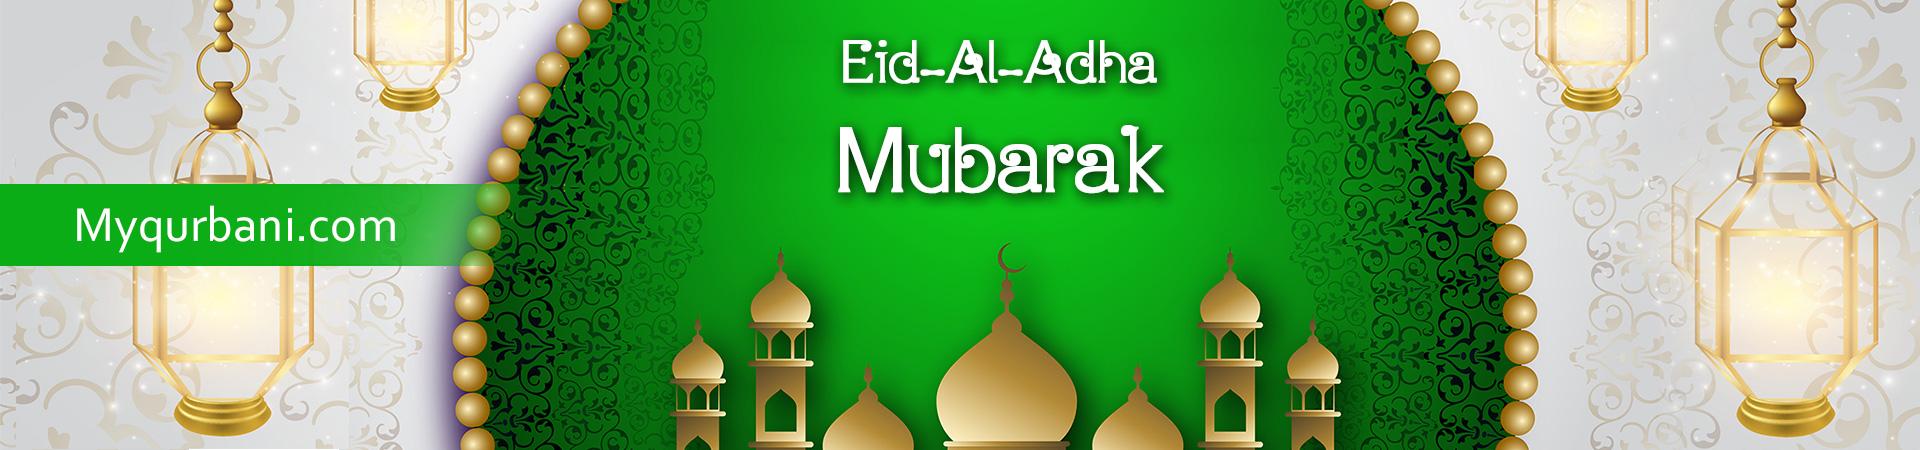 eid-banner